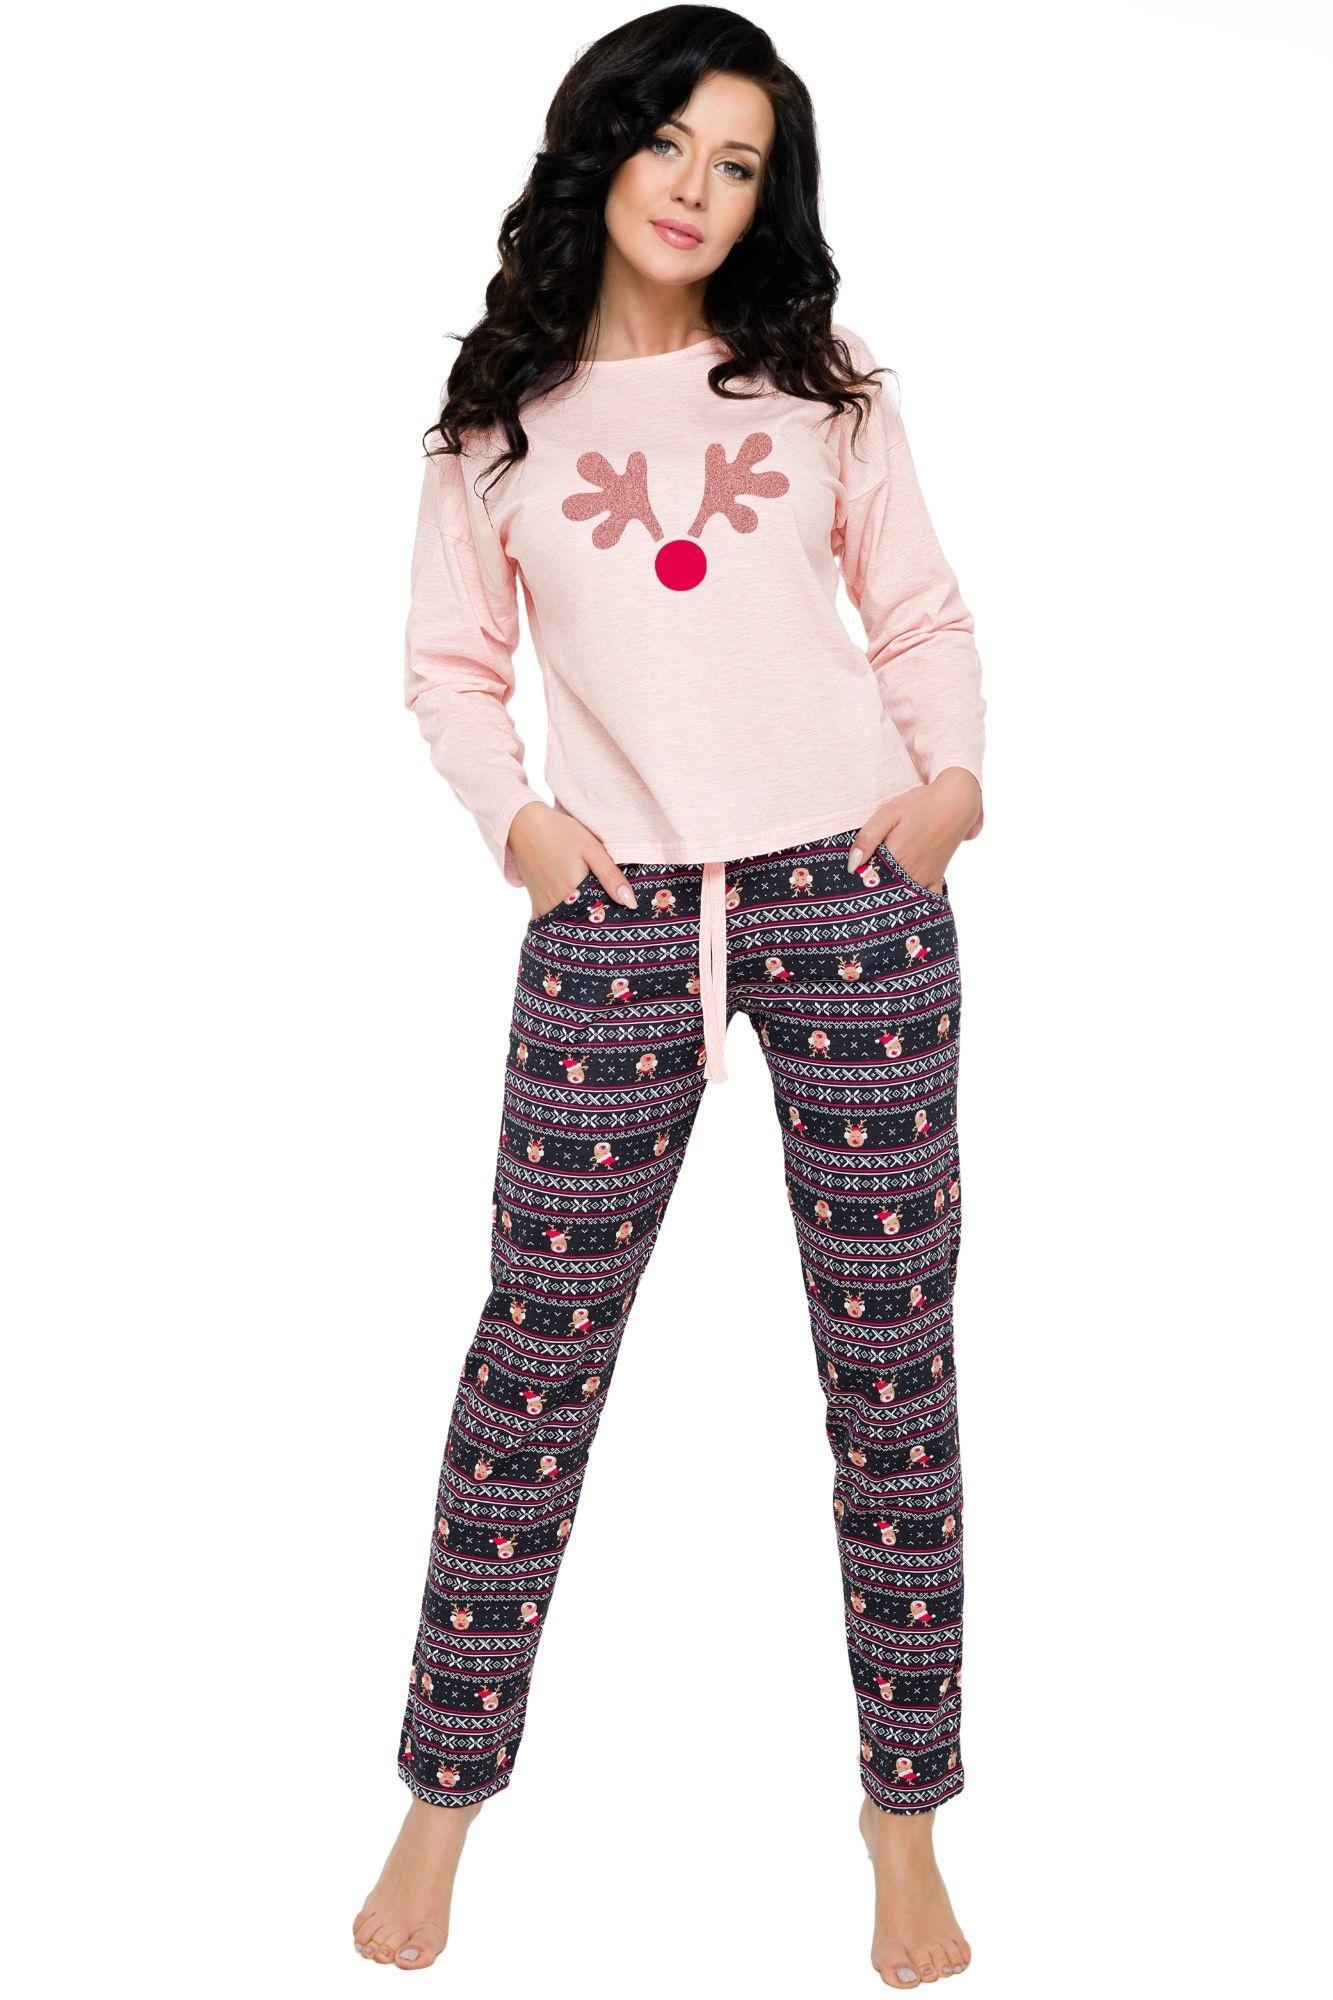 fc881c4d0b92 Bavlněné dámské pyžamo Nadia růžové s vánočním vzorem s kapsami a dlouhými  rukávy